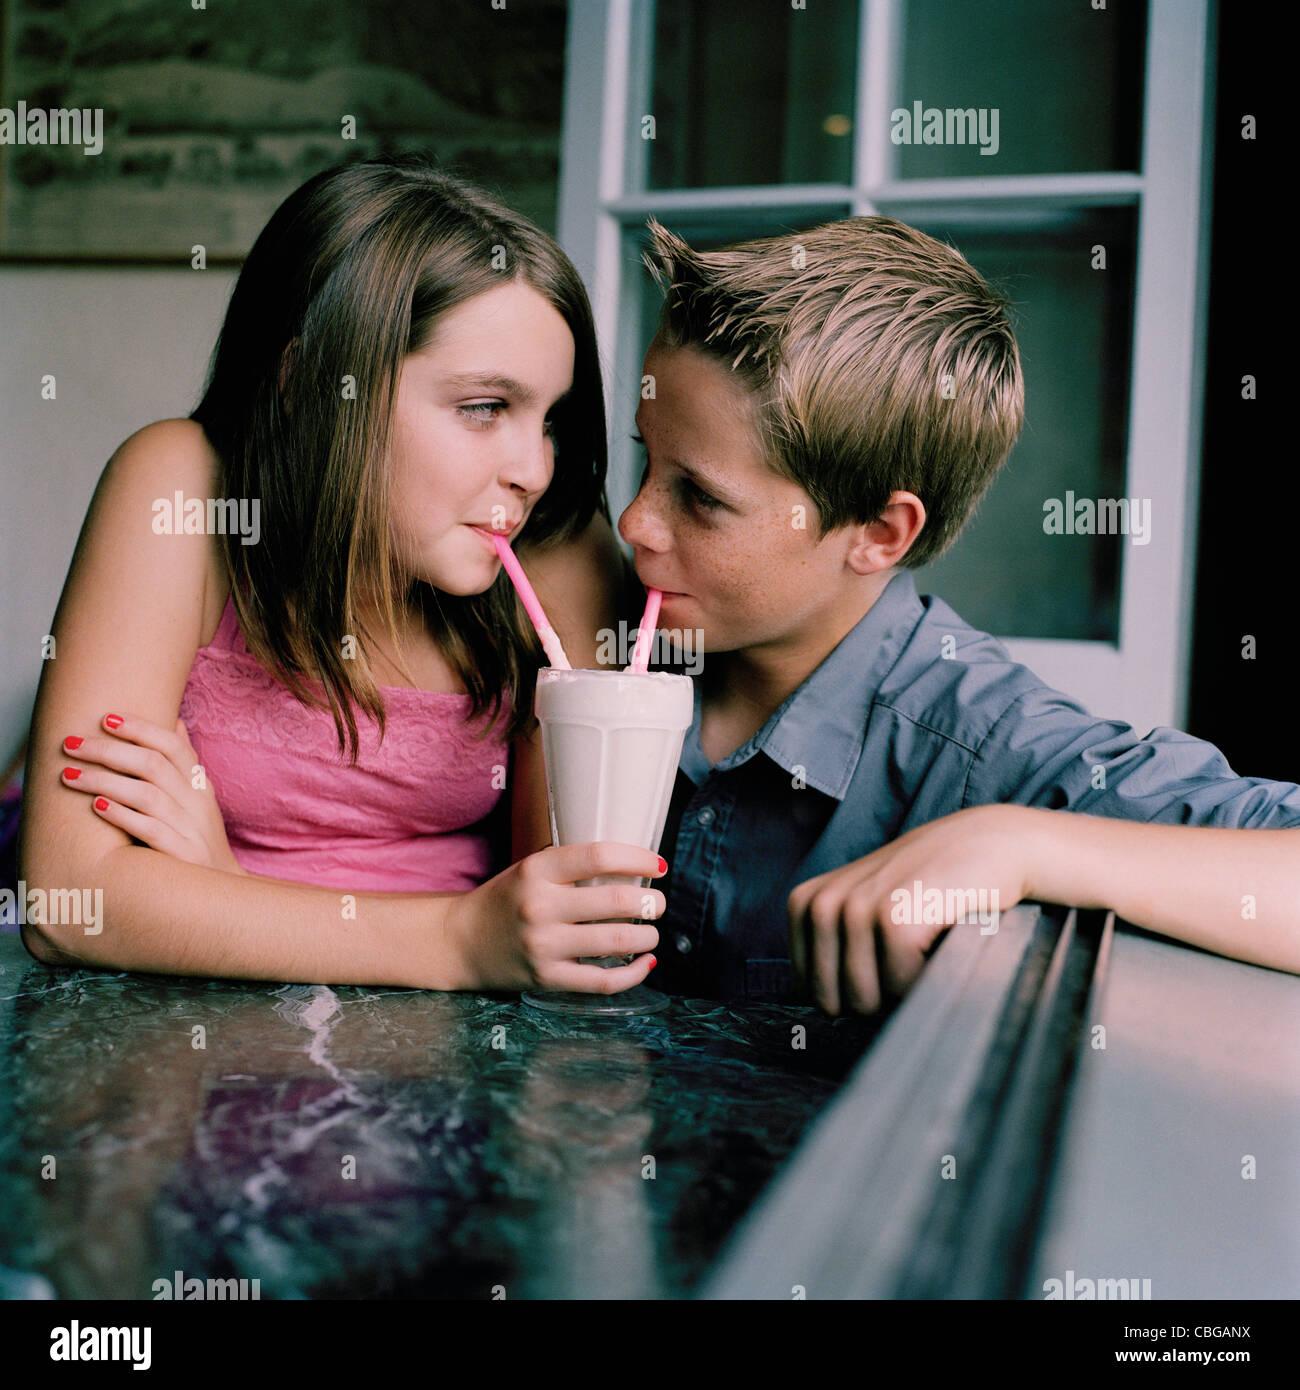 Una joven pareja de adolescentes compartiendo un batido en una cafetería Imagen De Stock